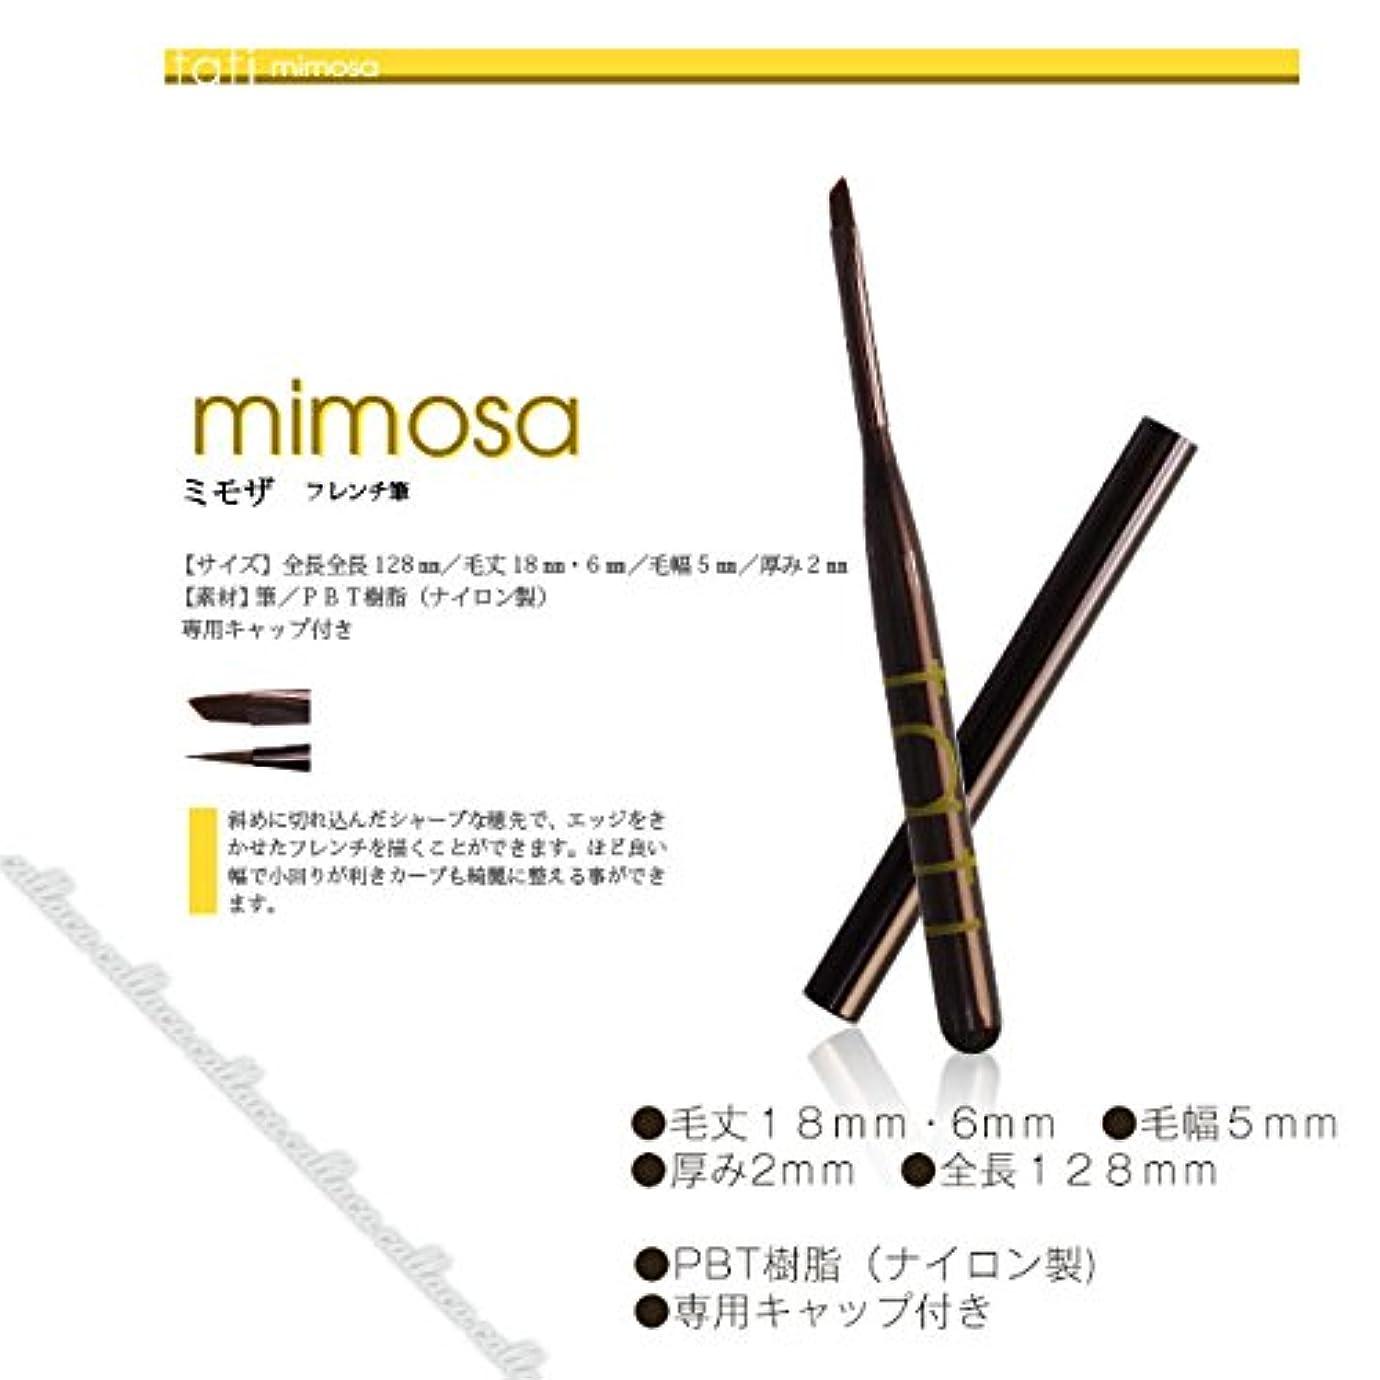 自発しょっぱい割り込みtati アートショコラ mimosa (ミモザ)